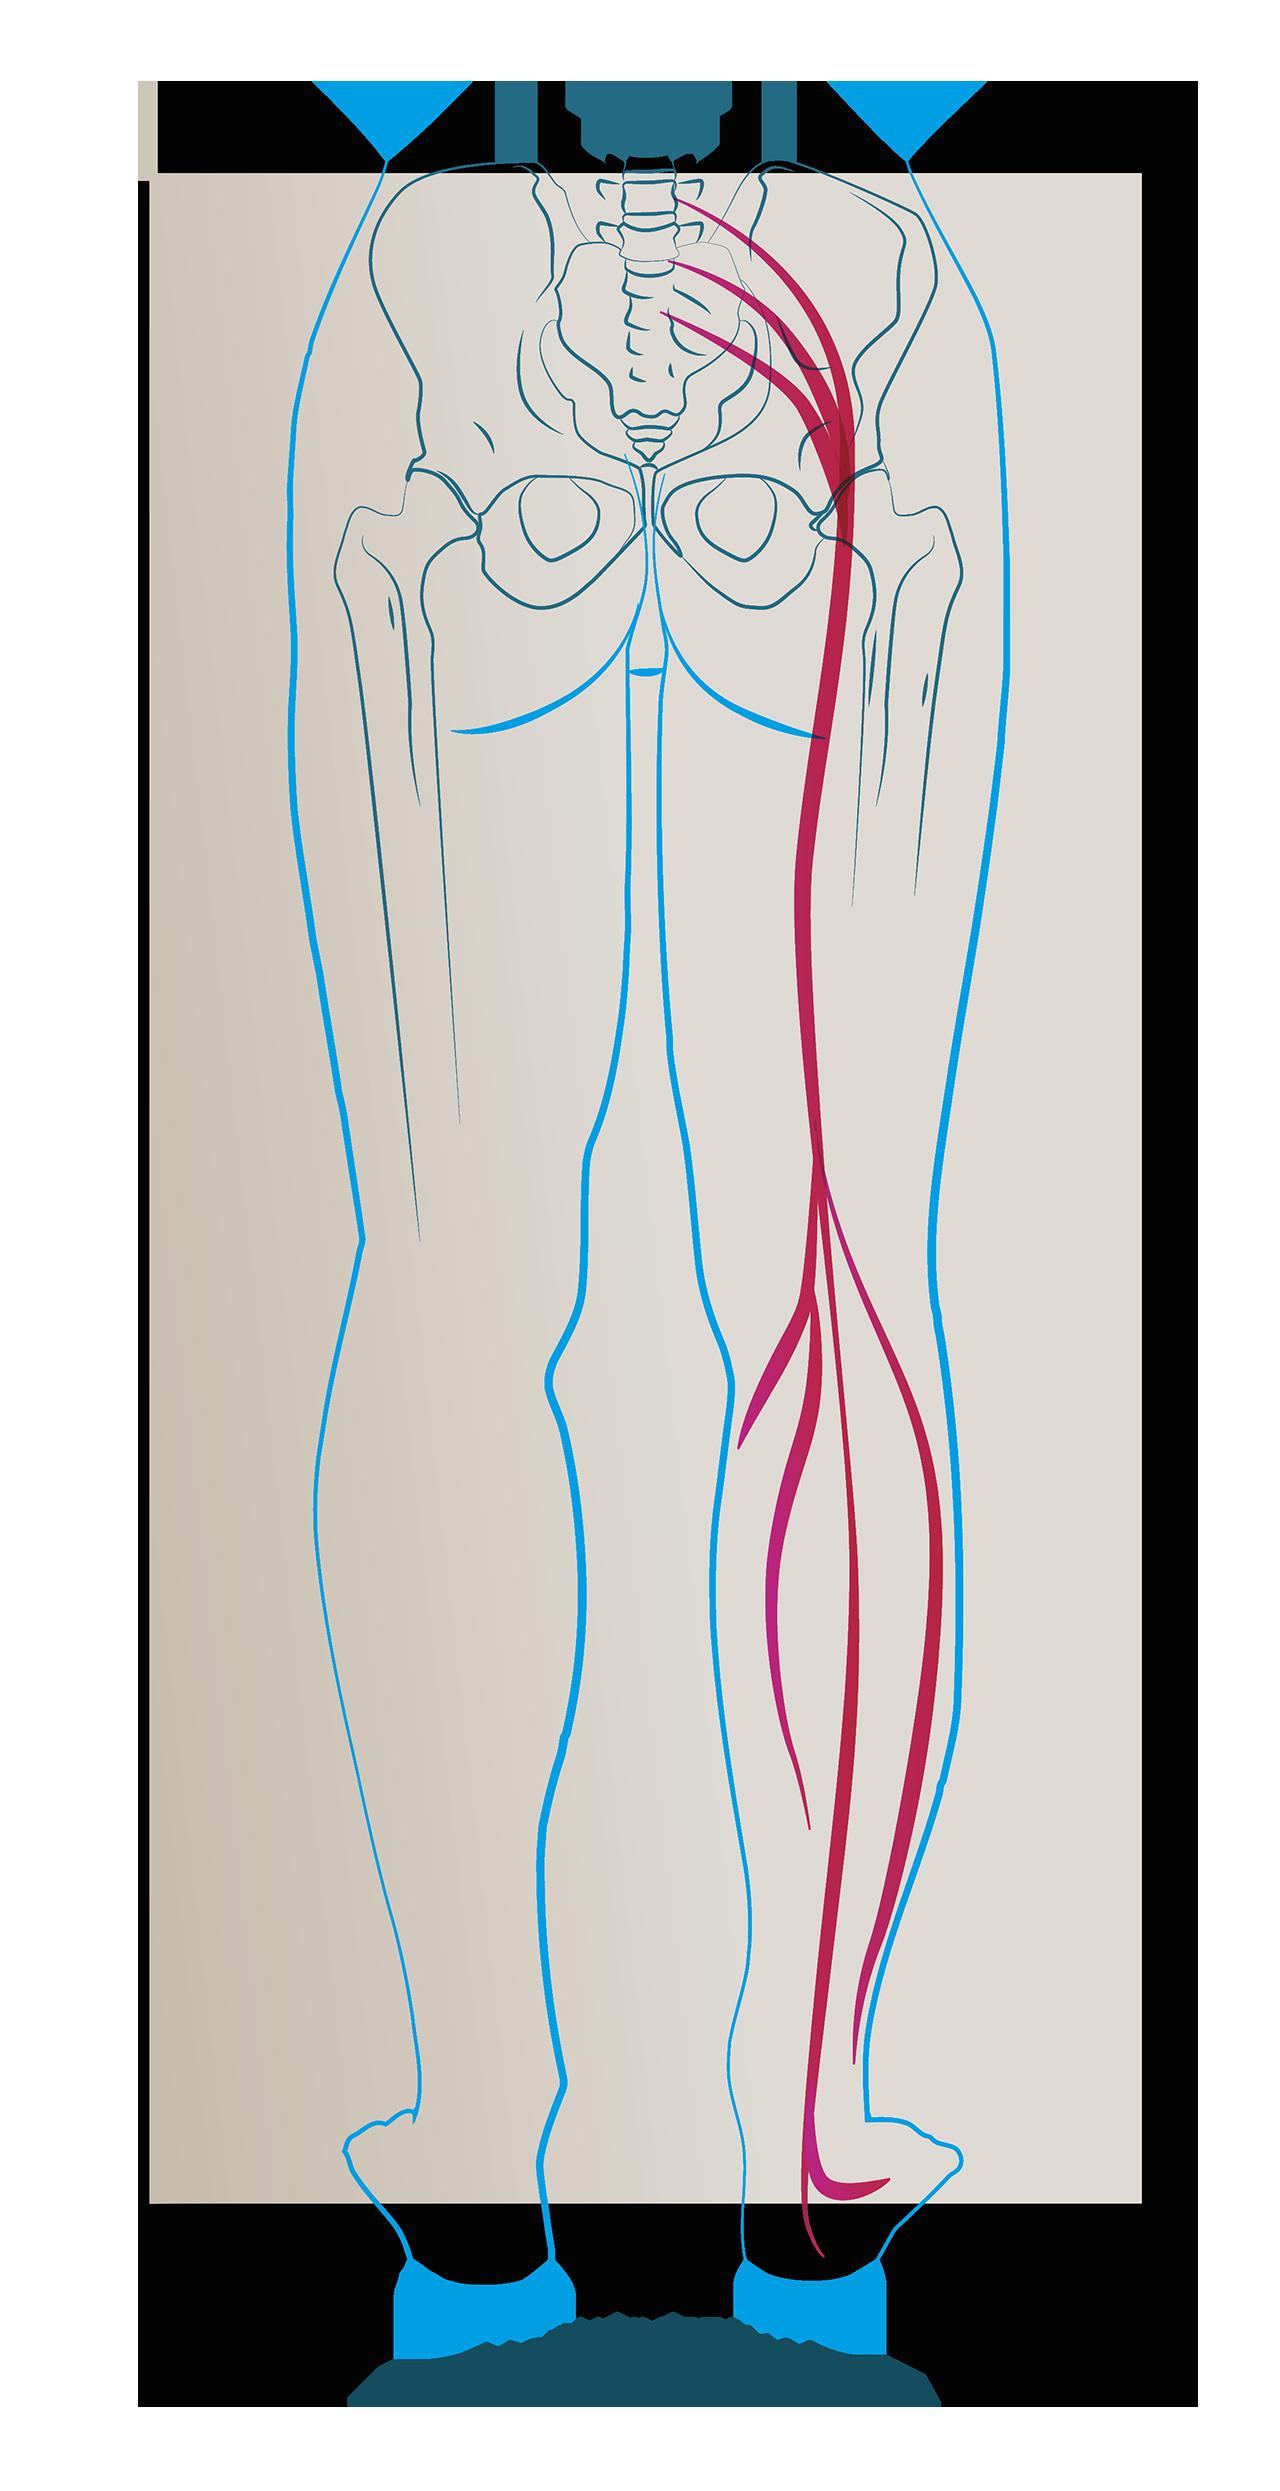 rwa kulszowa nerw kulszowy objawy